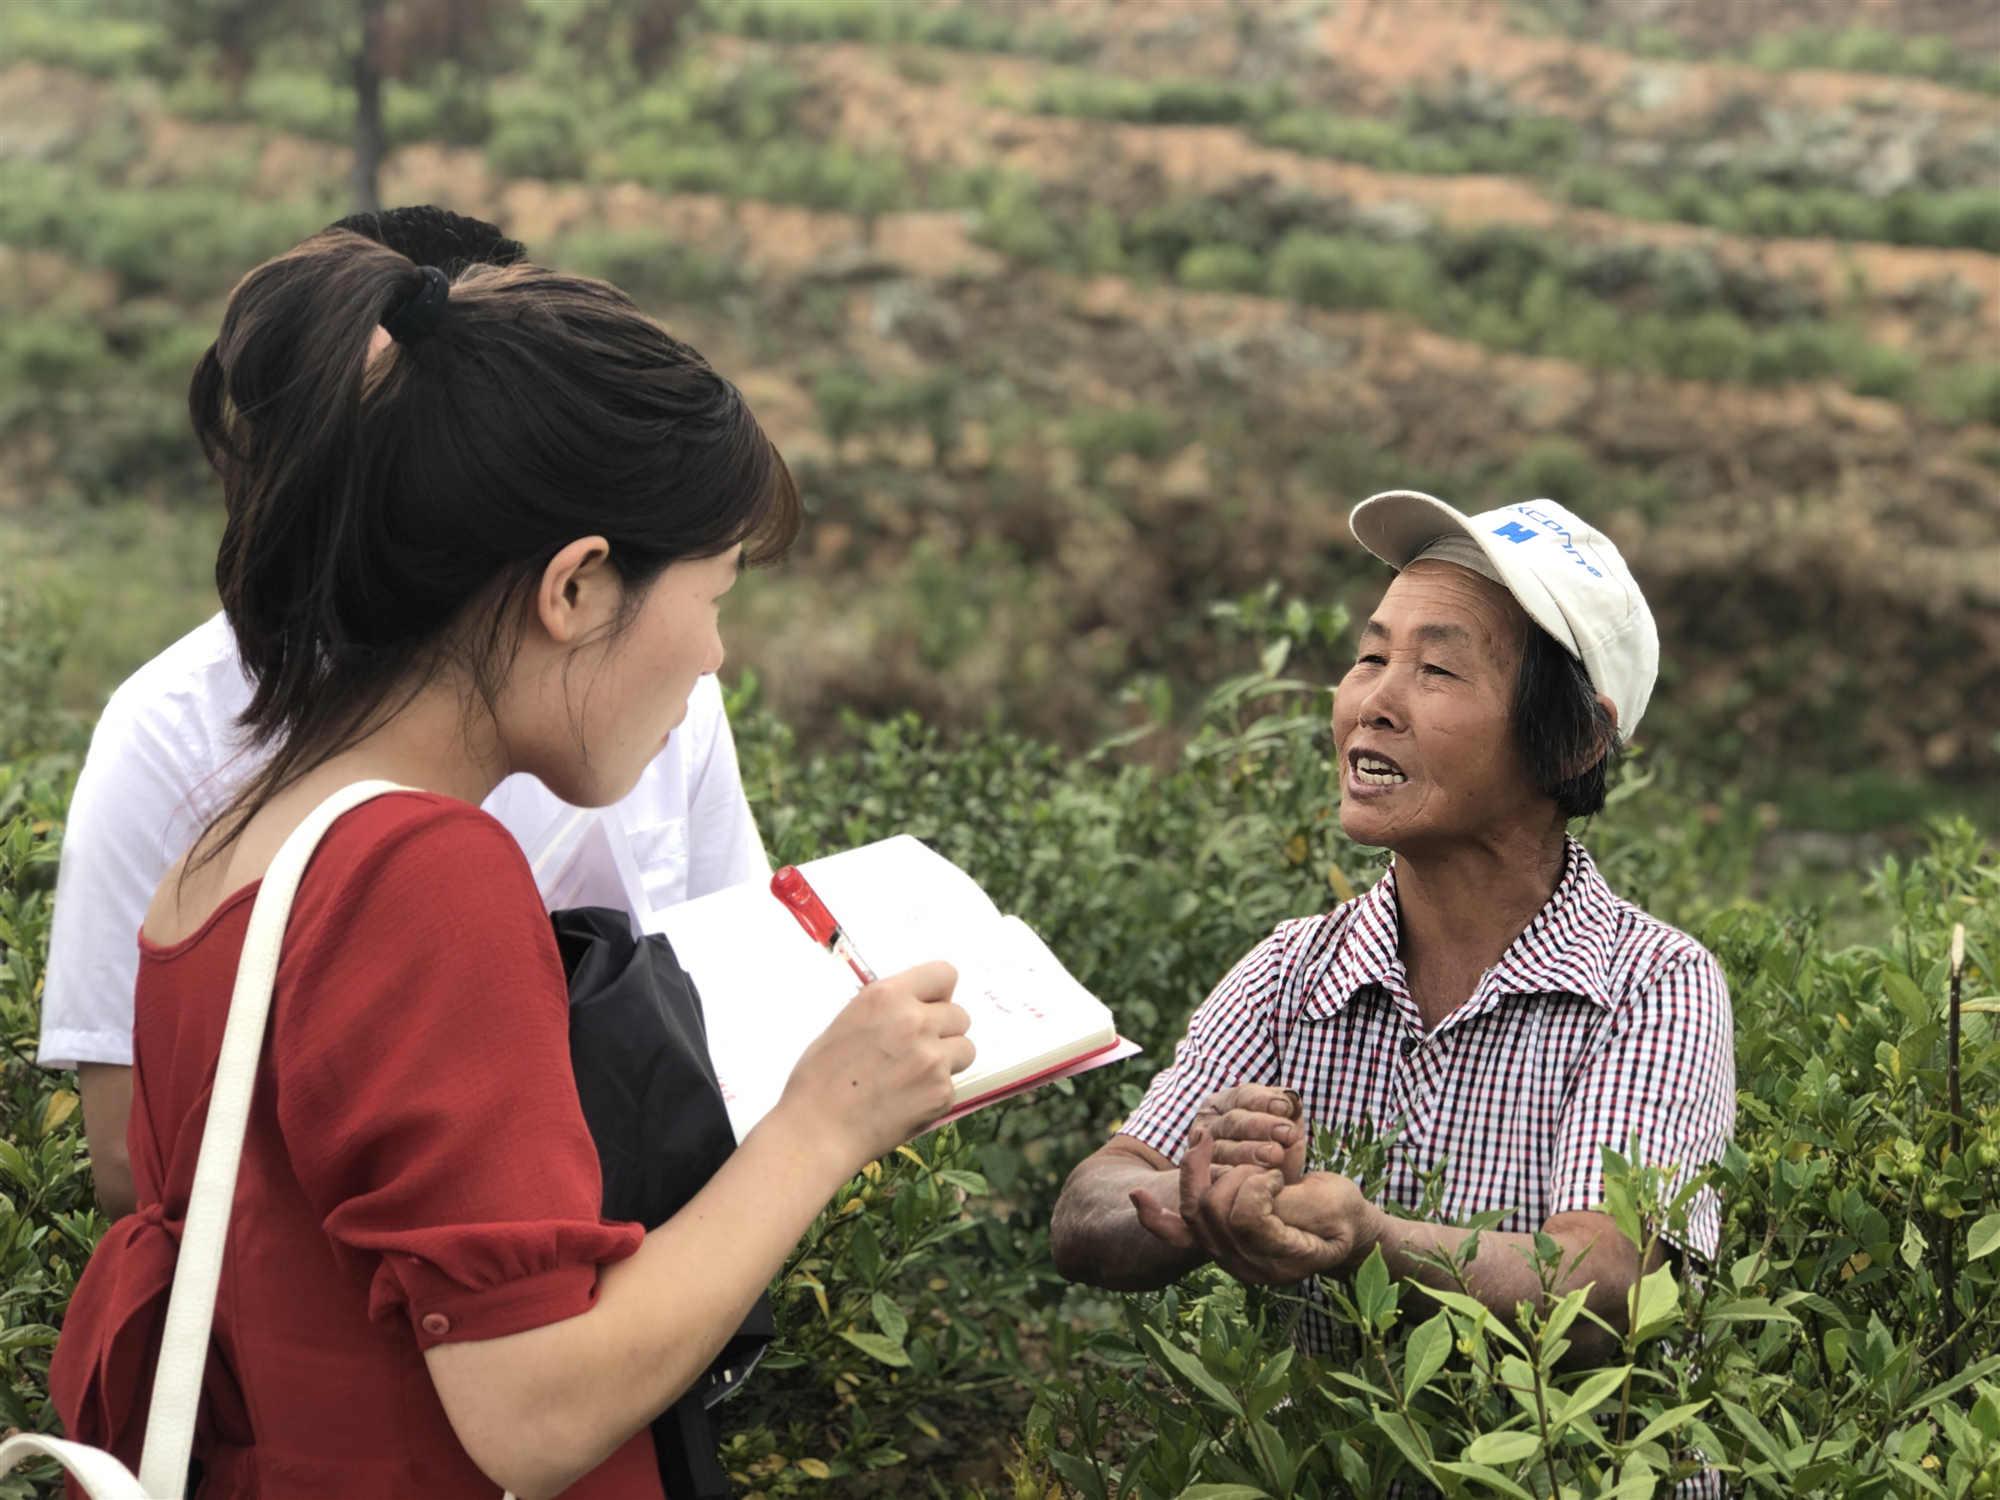 双峰县甘棠镇双新村黄栀子基地 务工的贫困户忙